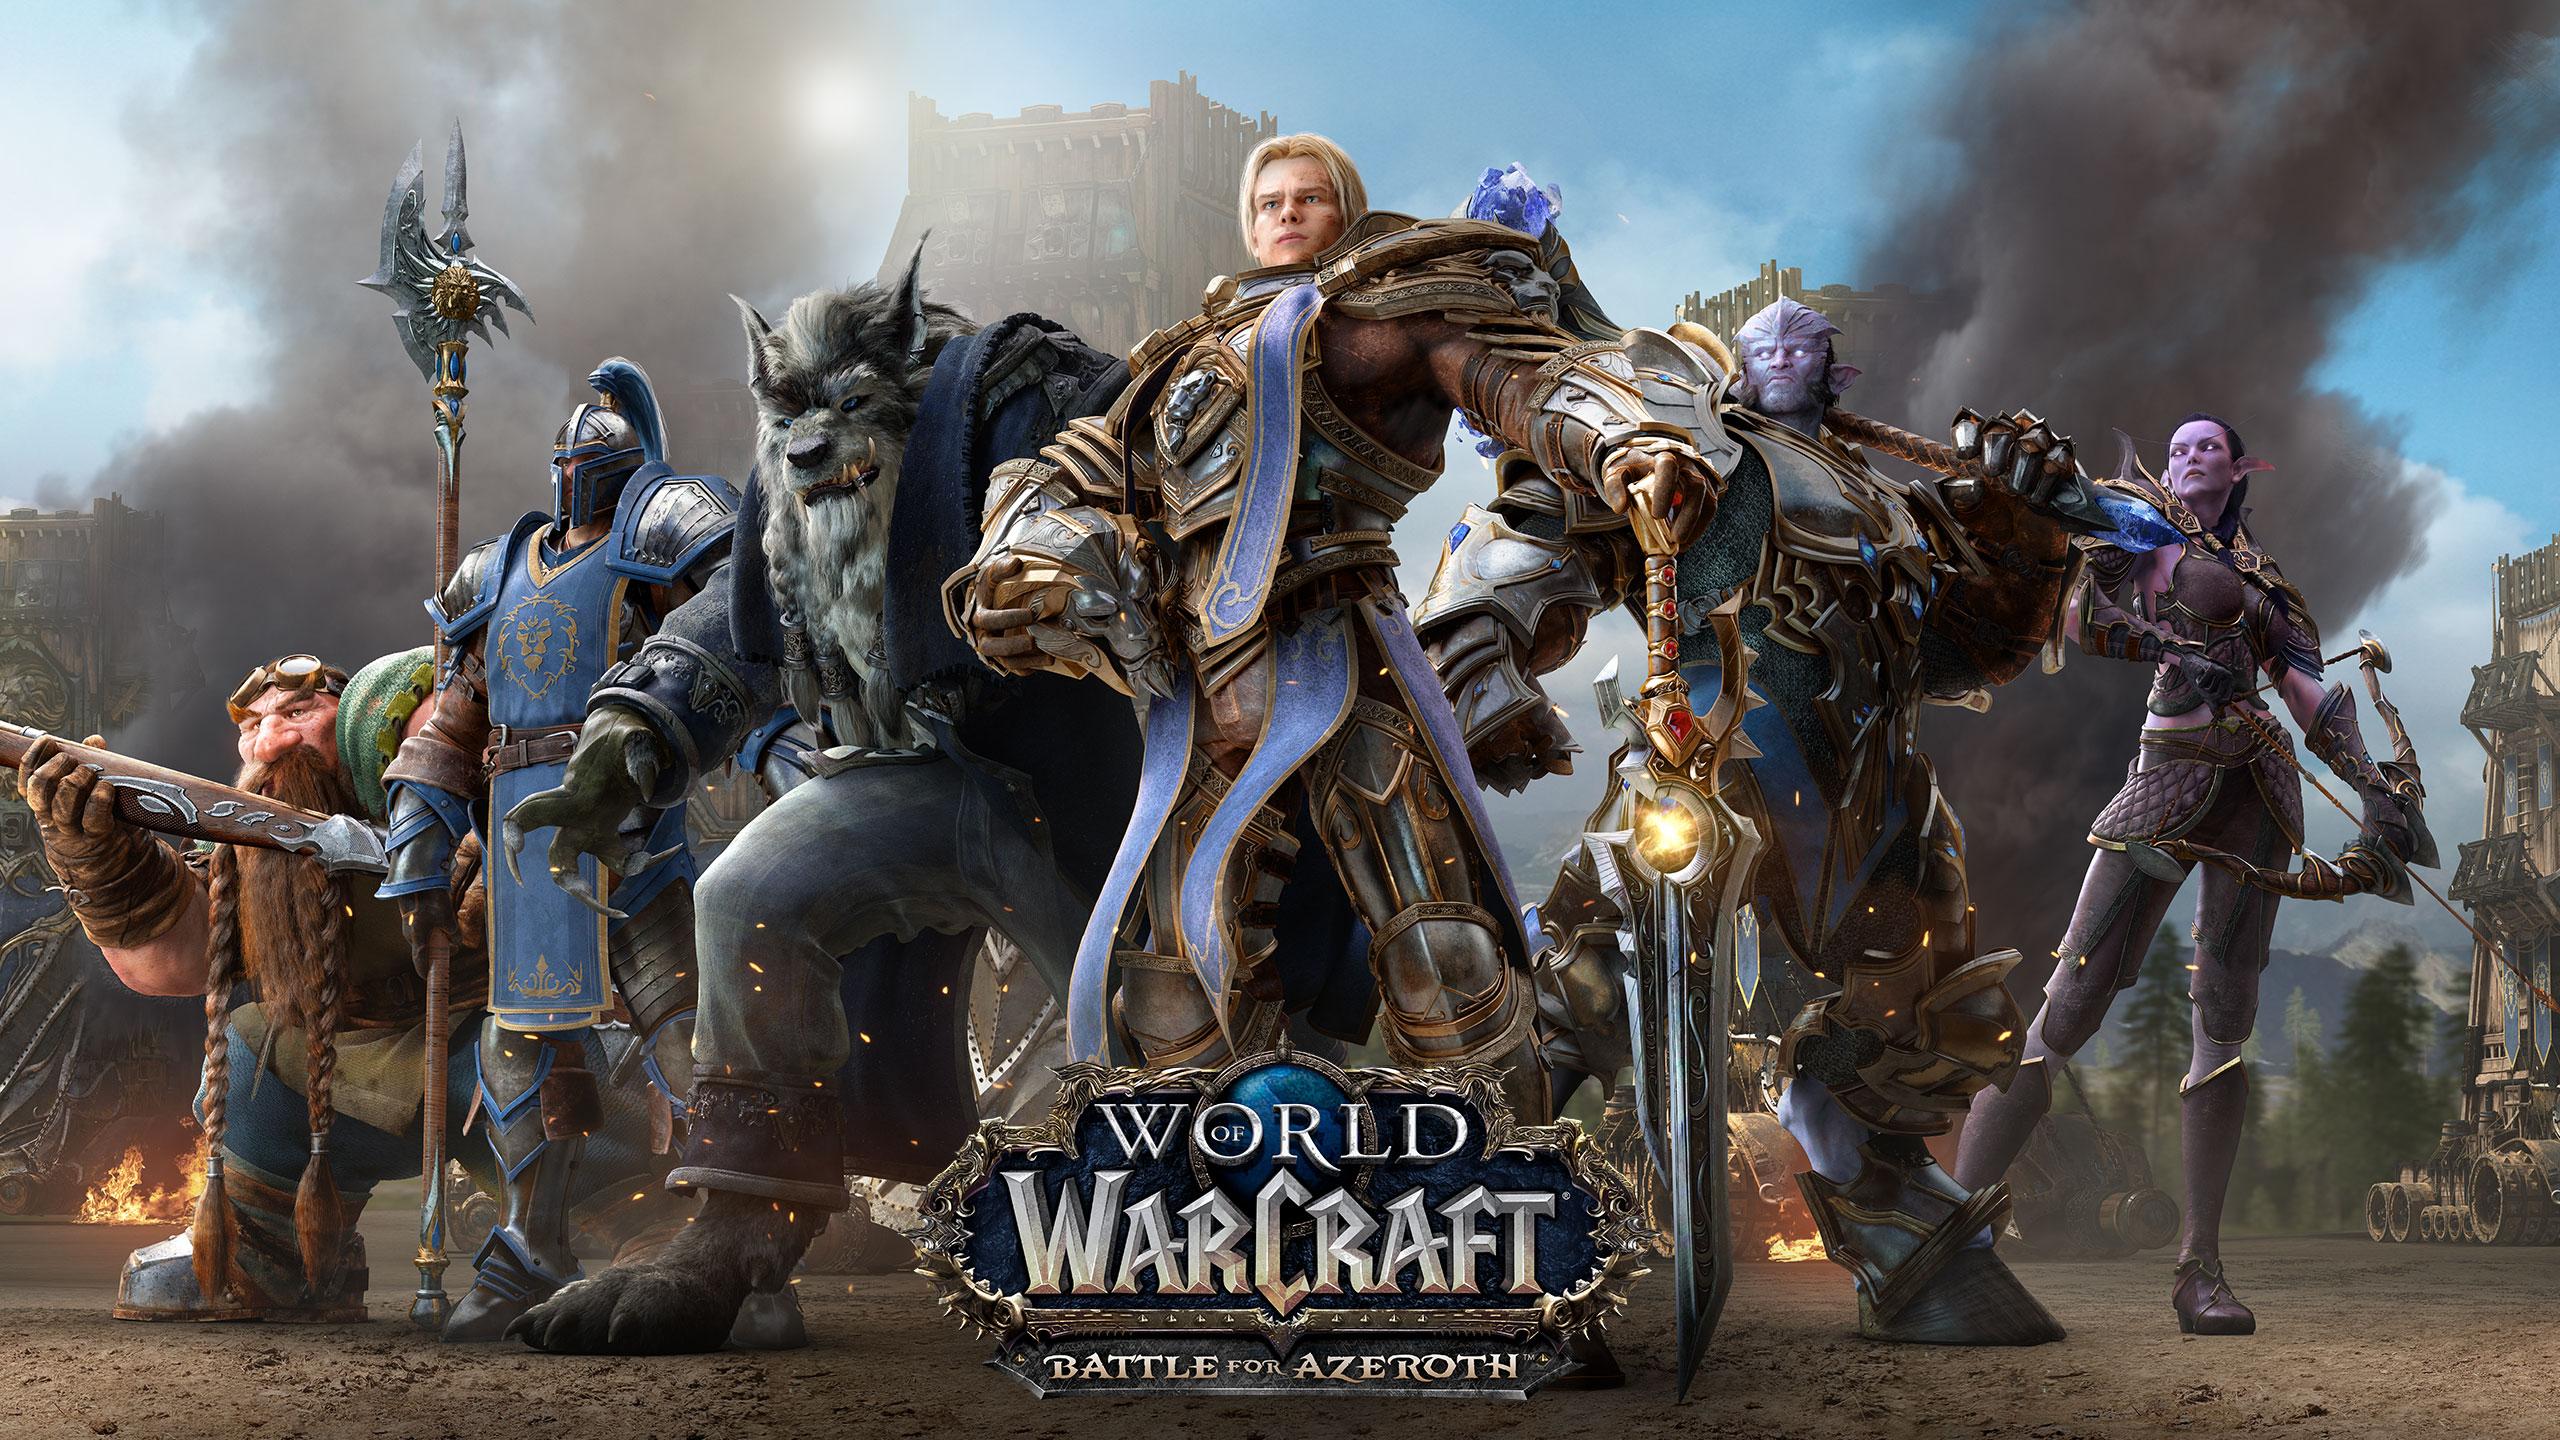 بازیکنی تنها در ۴ ساعت به بالاترین سطح بسته الحاقی World of Warcraft رسید